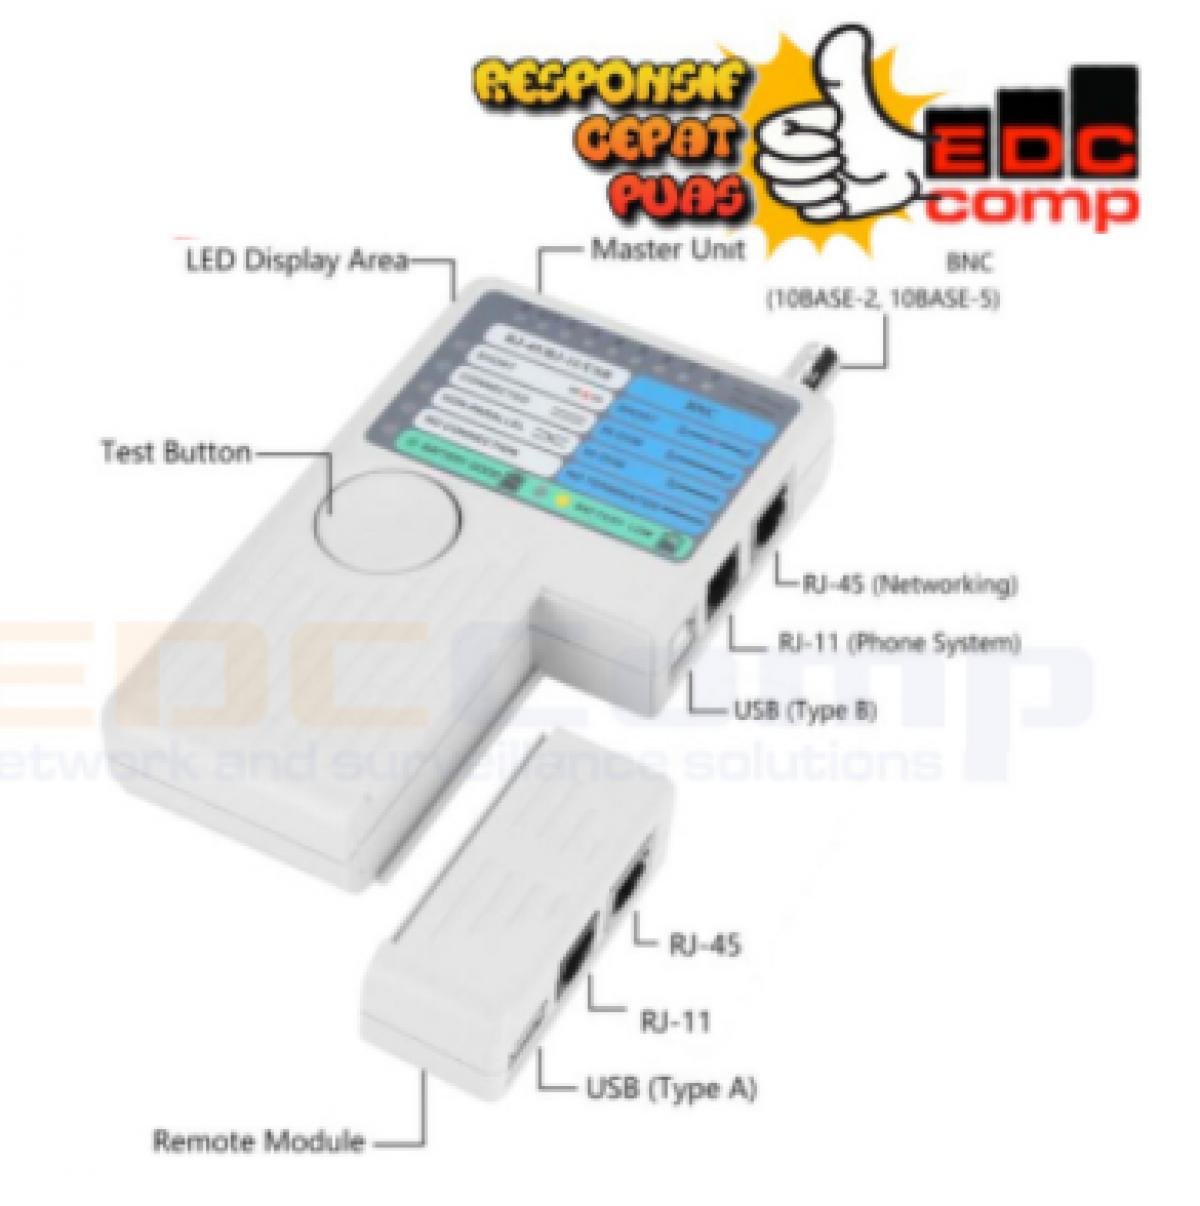 Remote Cable Tester 4in 1 Multi Lan Tester RJ45, RJ11, USB & BNC - EdcComp